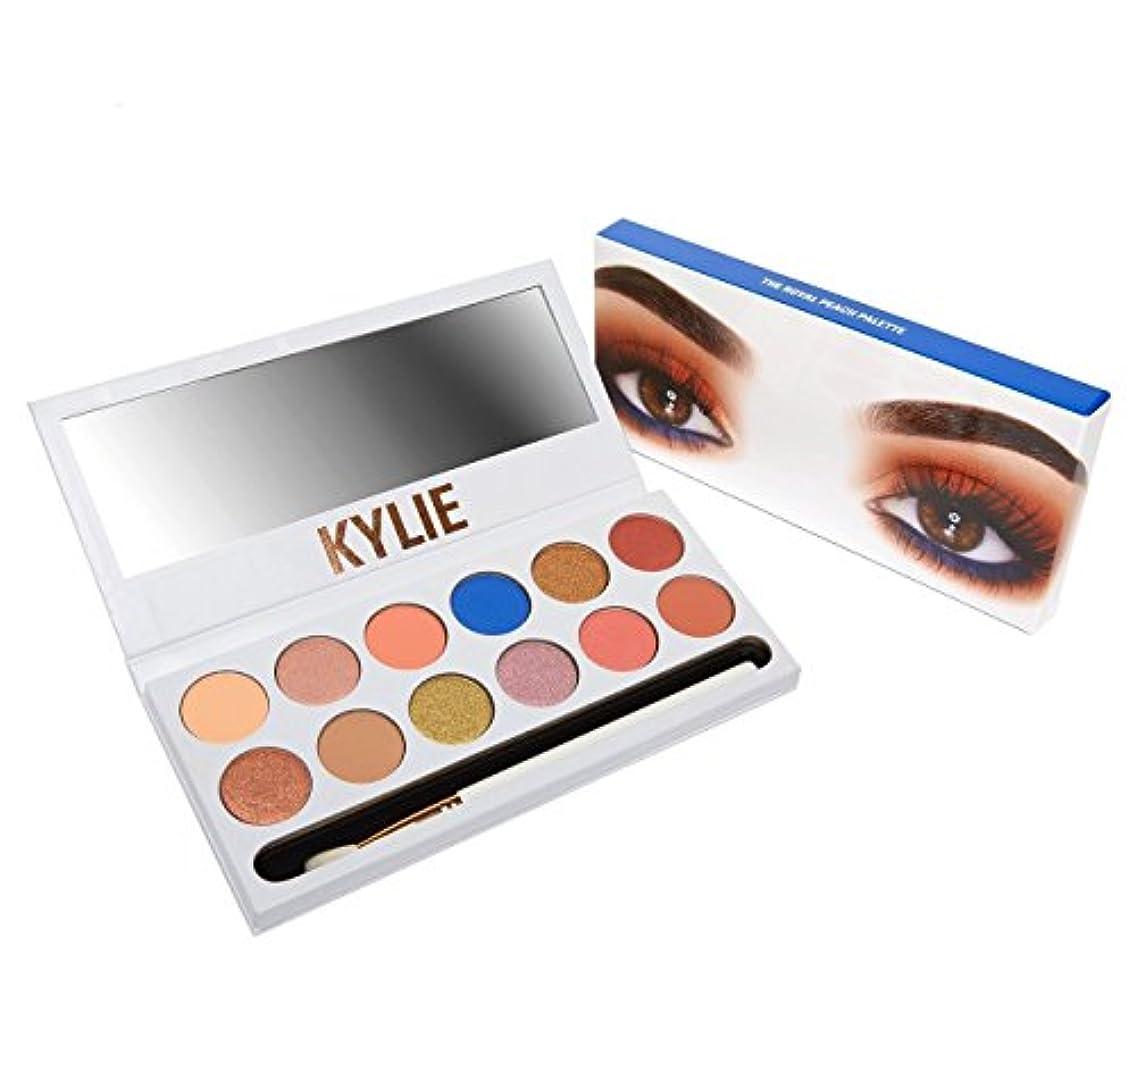 調停する提案する平和Kylie Cosmetics(カイリーコスメティック)THE ROYAL PEACH PALETTE